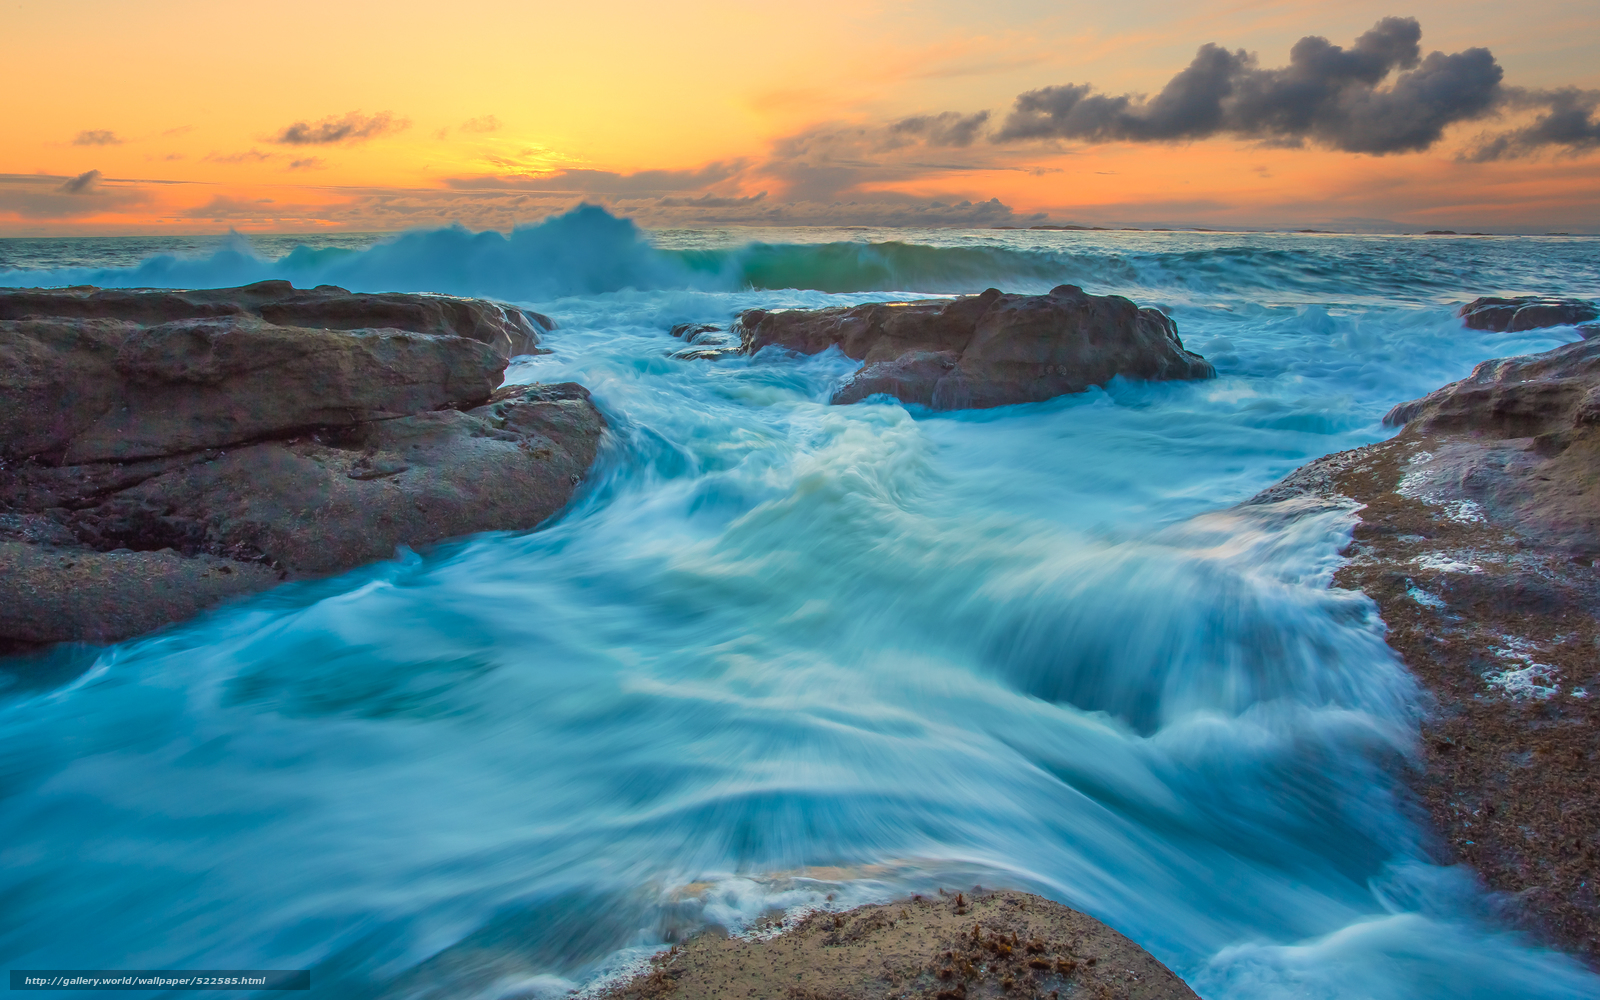 Скачать обои штат орегон,  закат,  море,  пейзаж бесплатно для рабочего стола в разрешении 3840x2400 — картинка №522585